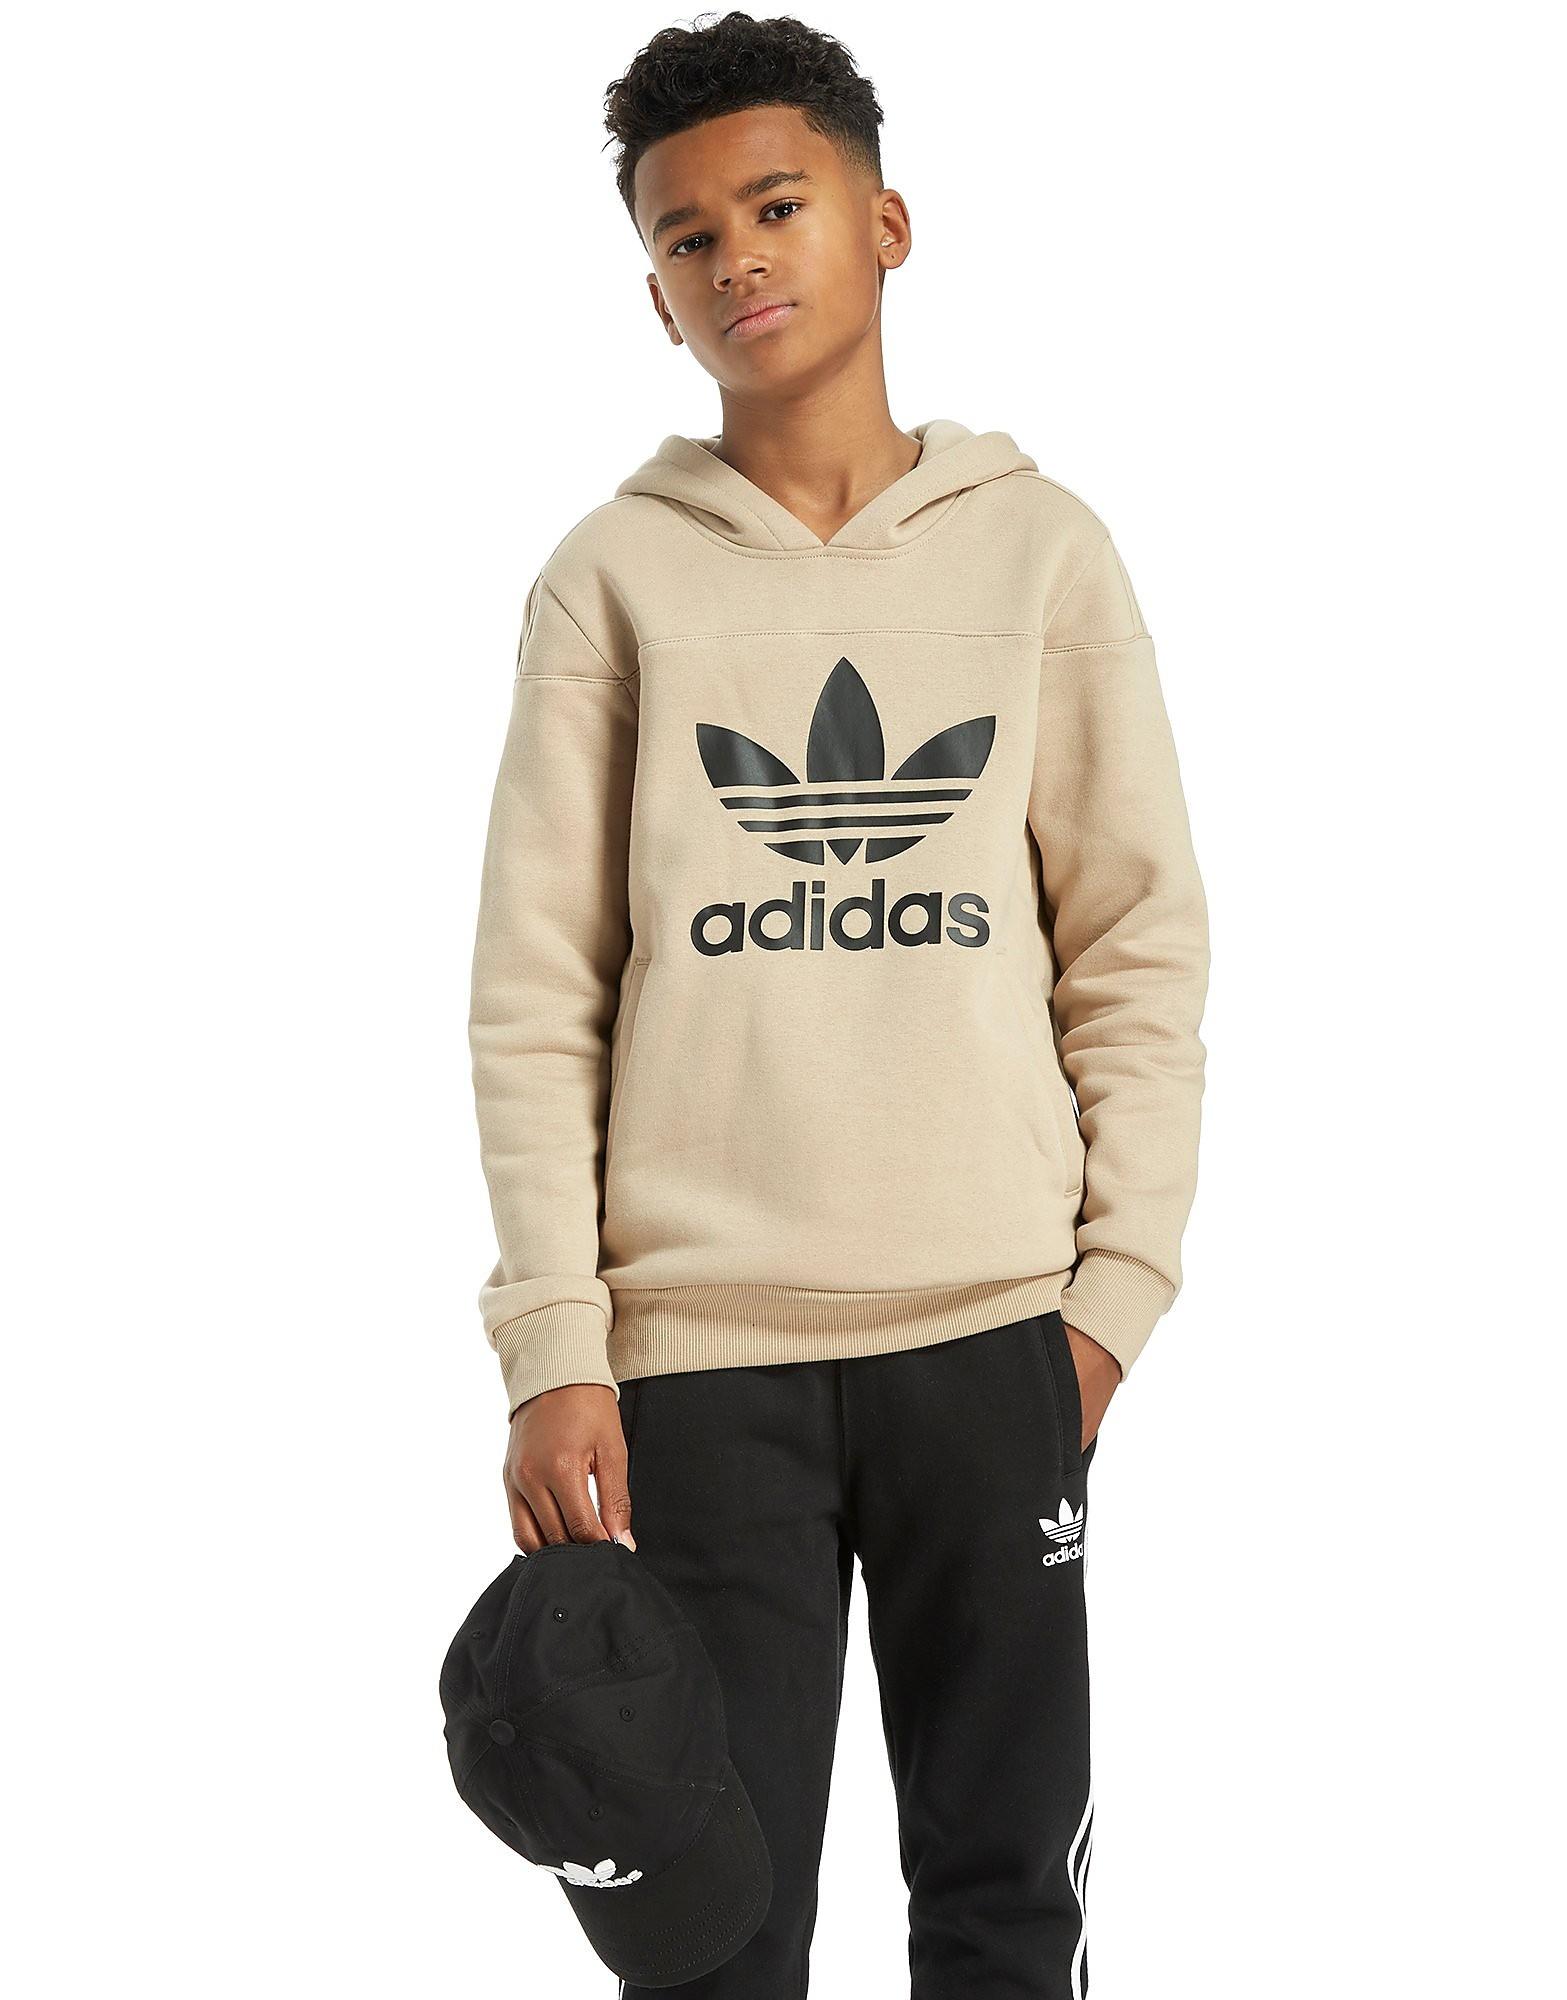 adidas Originals Trefoil Überkopf Kapuzenpullover Junior